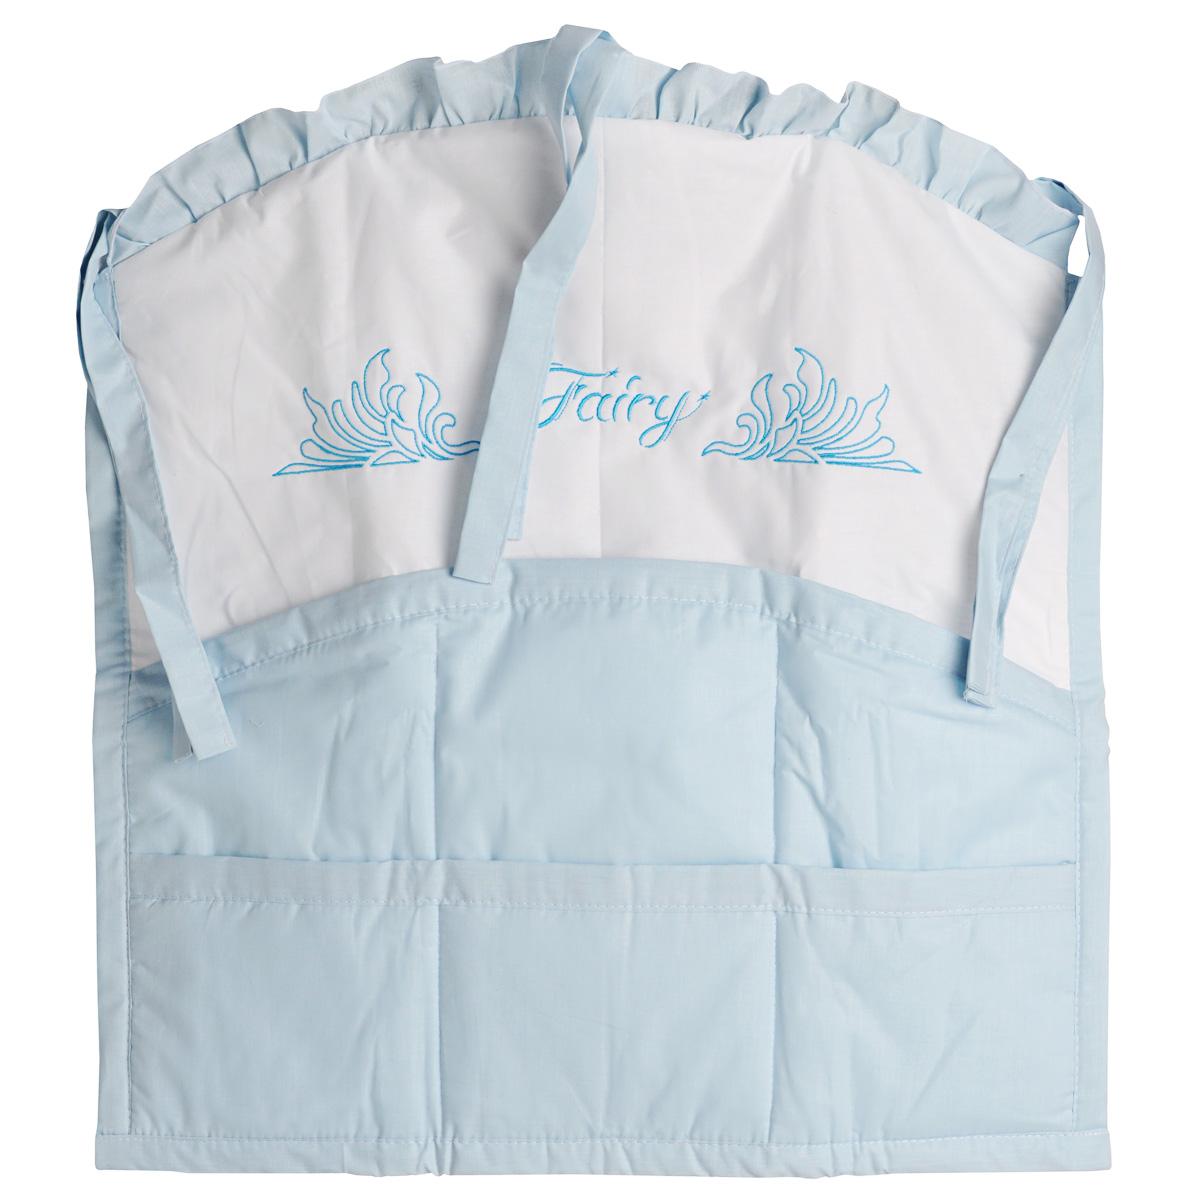 Карман на кроватку Fairy Сладкий сон, цвет: белый, голубой, 59 см х 60 см5646Карман на кроватку Fairy Сладкий сон, изготовленный из натурального 100% хлопка с наполнителем из полиэстера, сверху декорирован рюшами. Изделие оборудовано шестью вместительными кармашками и предназначено для хранения самых необходимых вещей малыша (игрушки, соски, бутылочки, подгузников или пеленки) и создания благоприятного эмоционального фона детской комнаты. С помощью текстильных веревочек, карман можно привязывать к спинке кроватки, как с внешней, так и с внутренней стороны. Общий размер изделия: 59 см х 60 см. Средний размер кармашков: 17 см х 18 см.